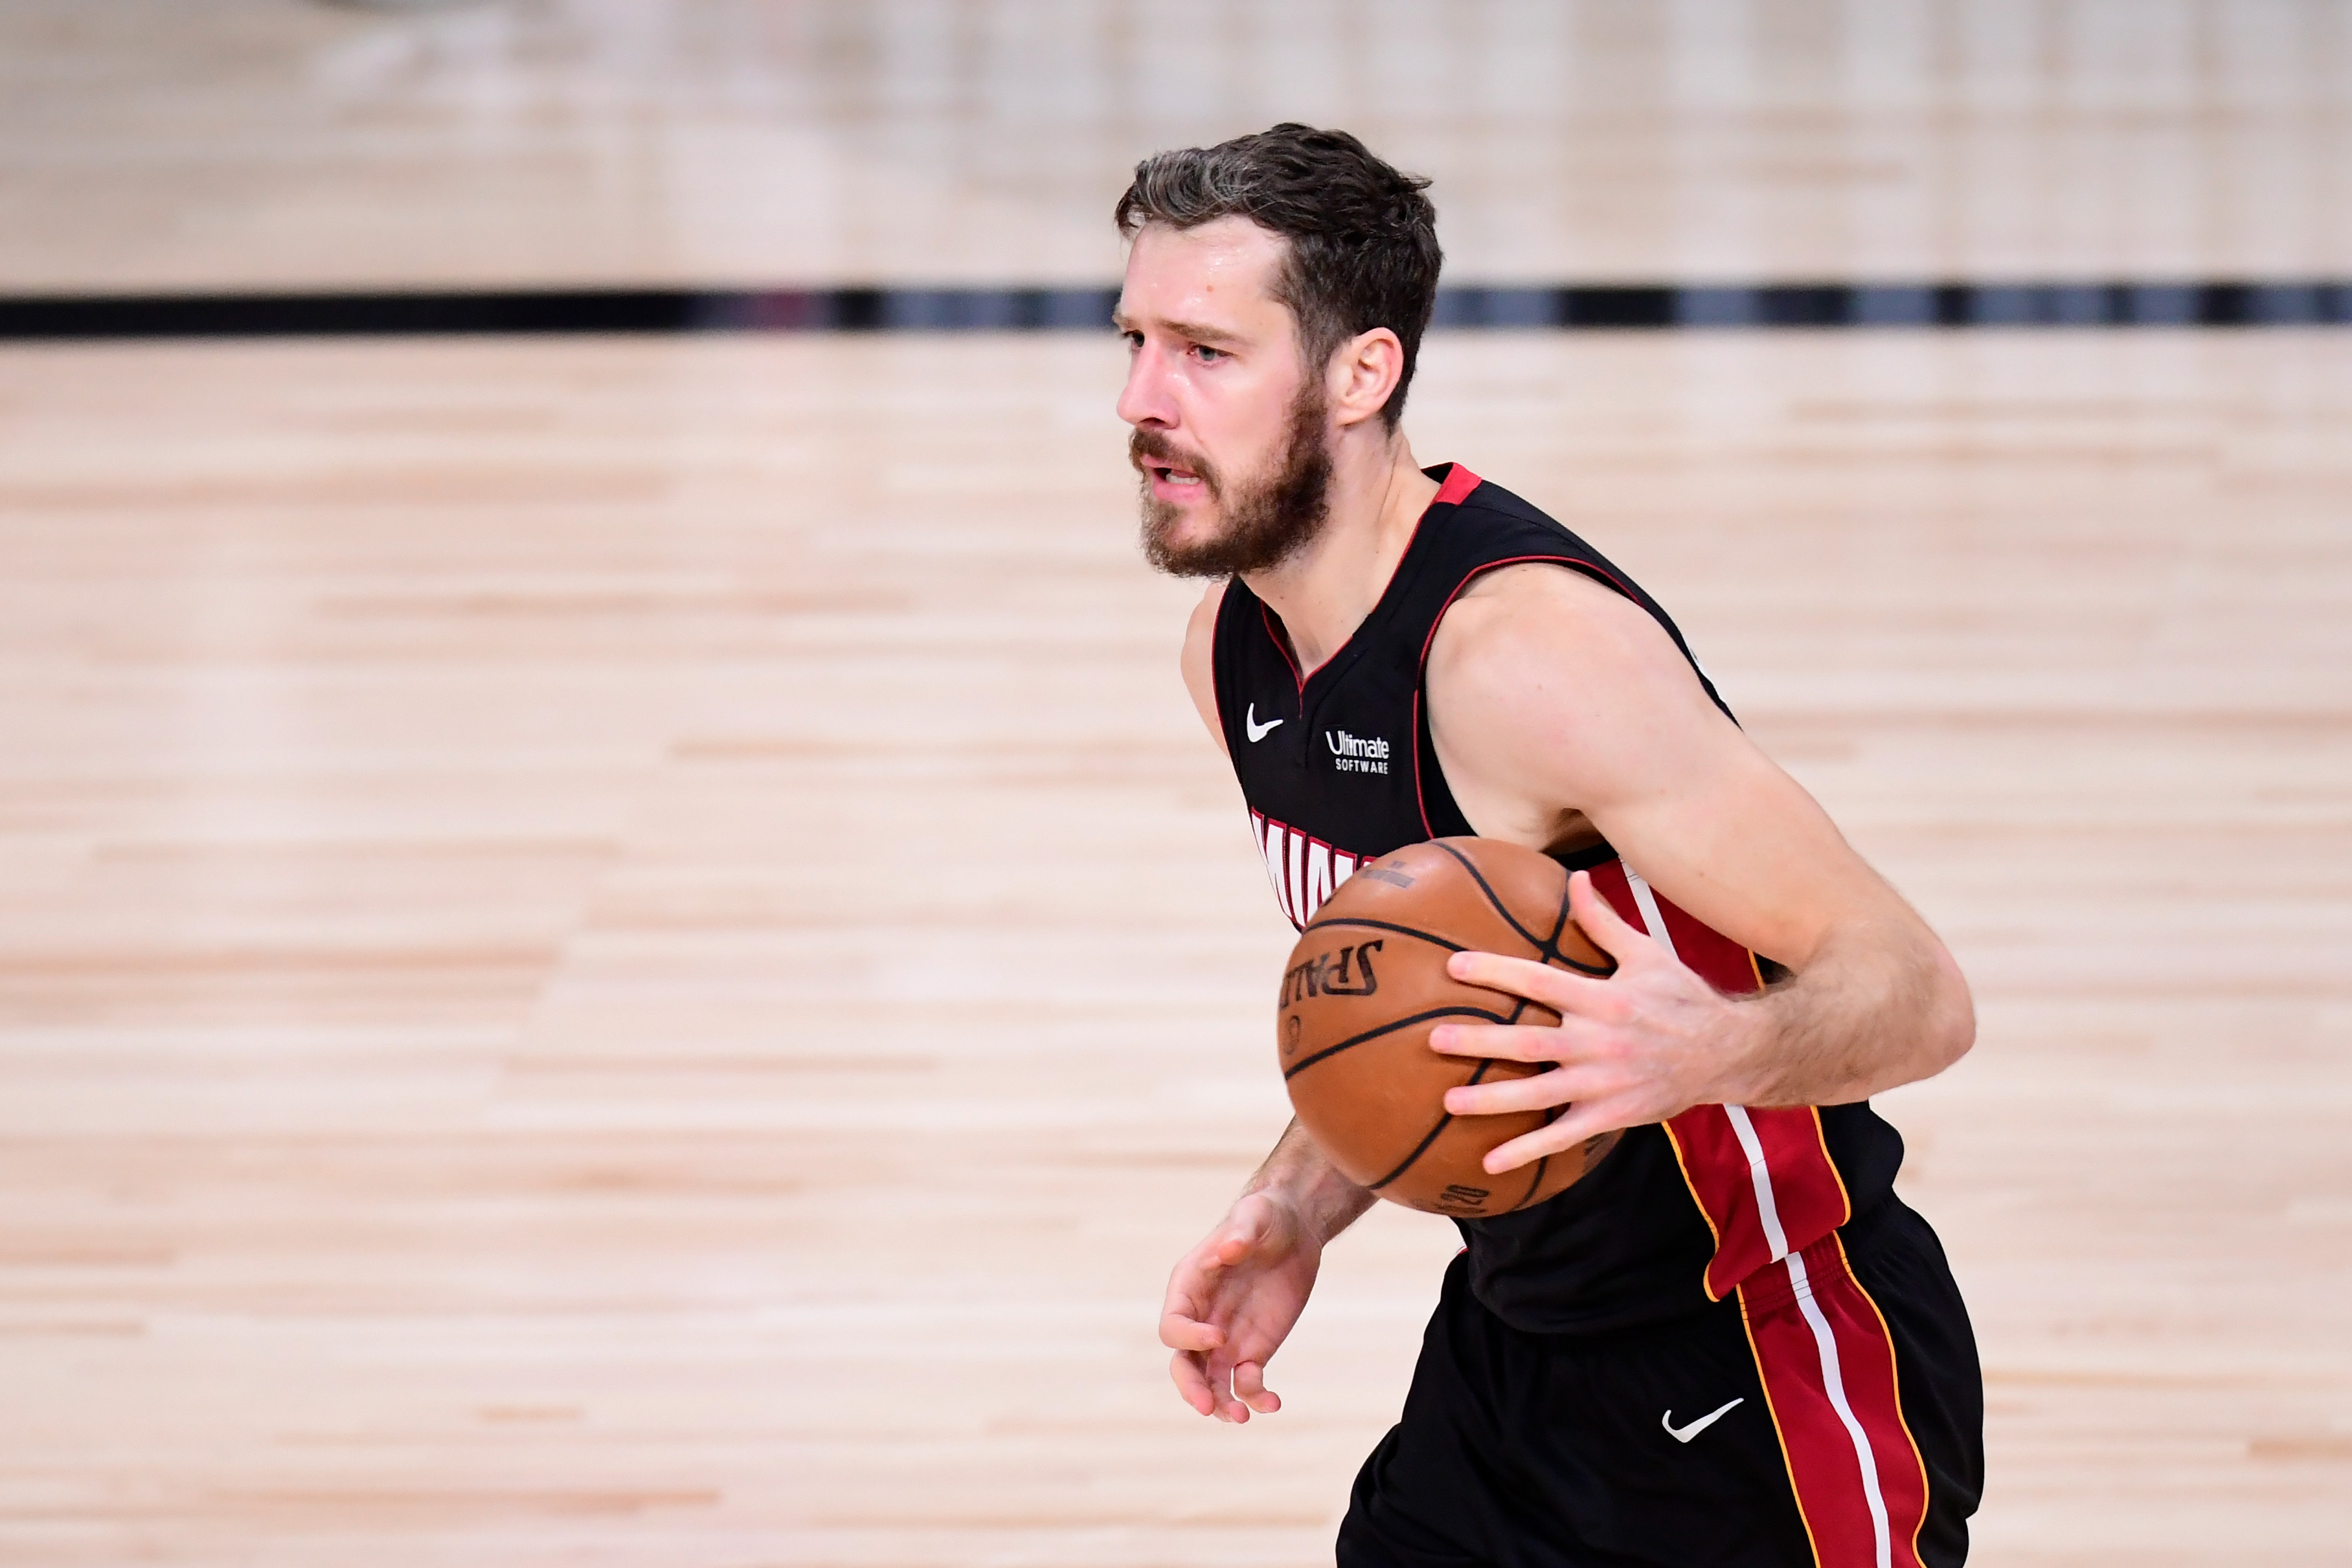 La NBA arrancará la pretemporada con un duelo entre Lakers y Clippers